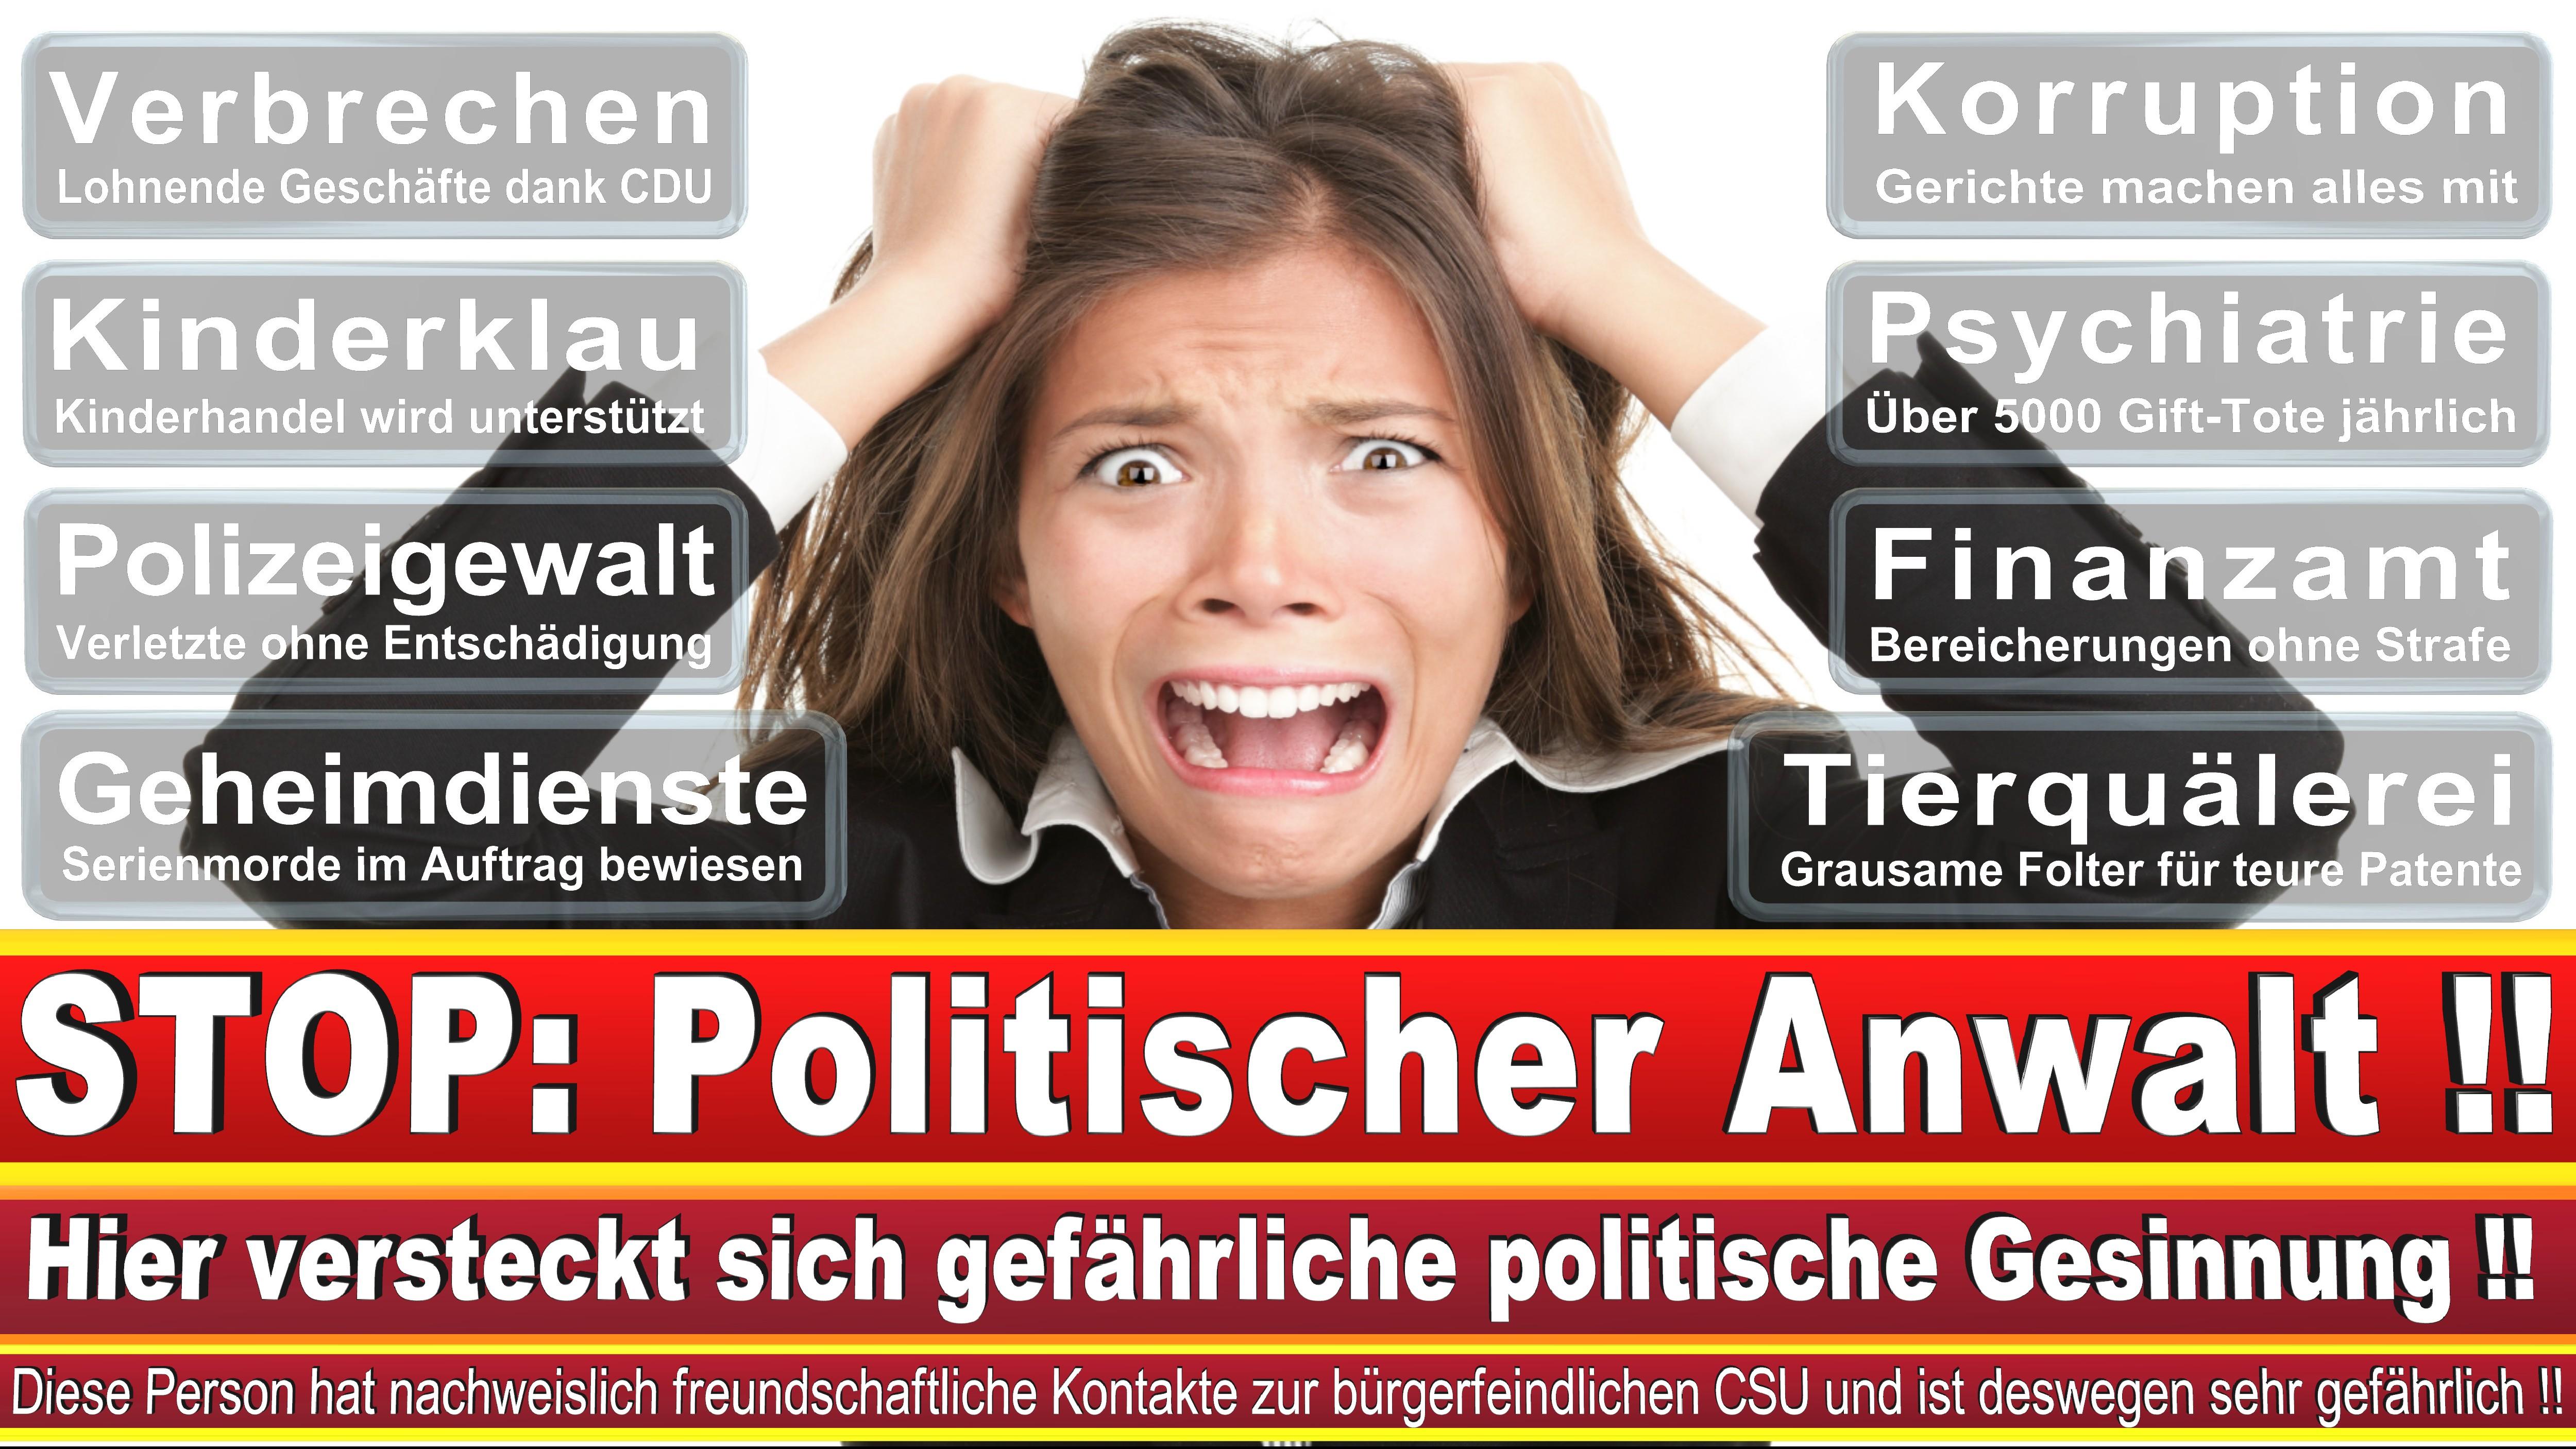 Rechtsanwalt Stefan Wildgruber Neuburg An Der Donau Leiter Personalwesen Sparkasse Neuburg Rain